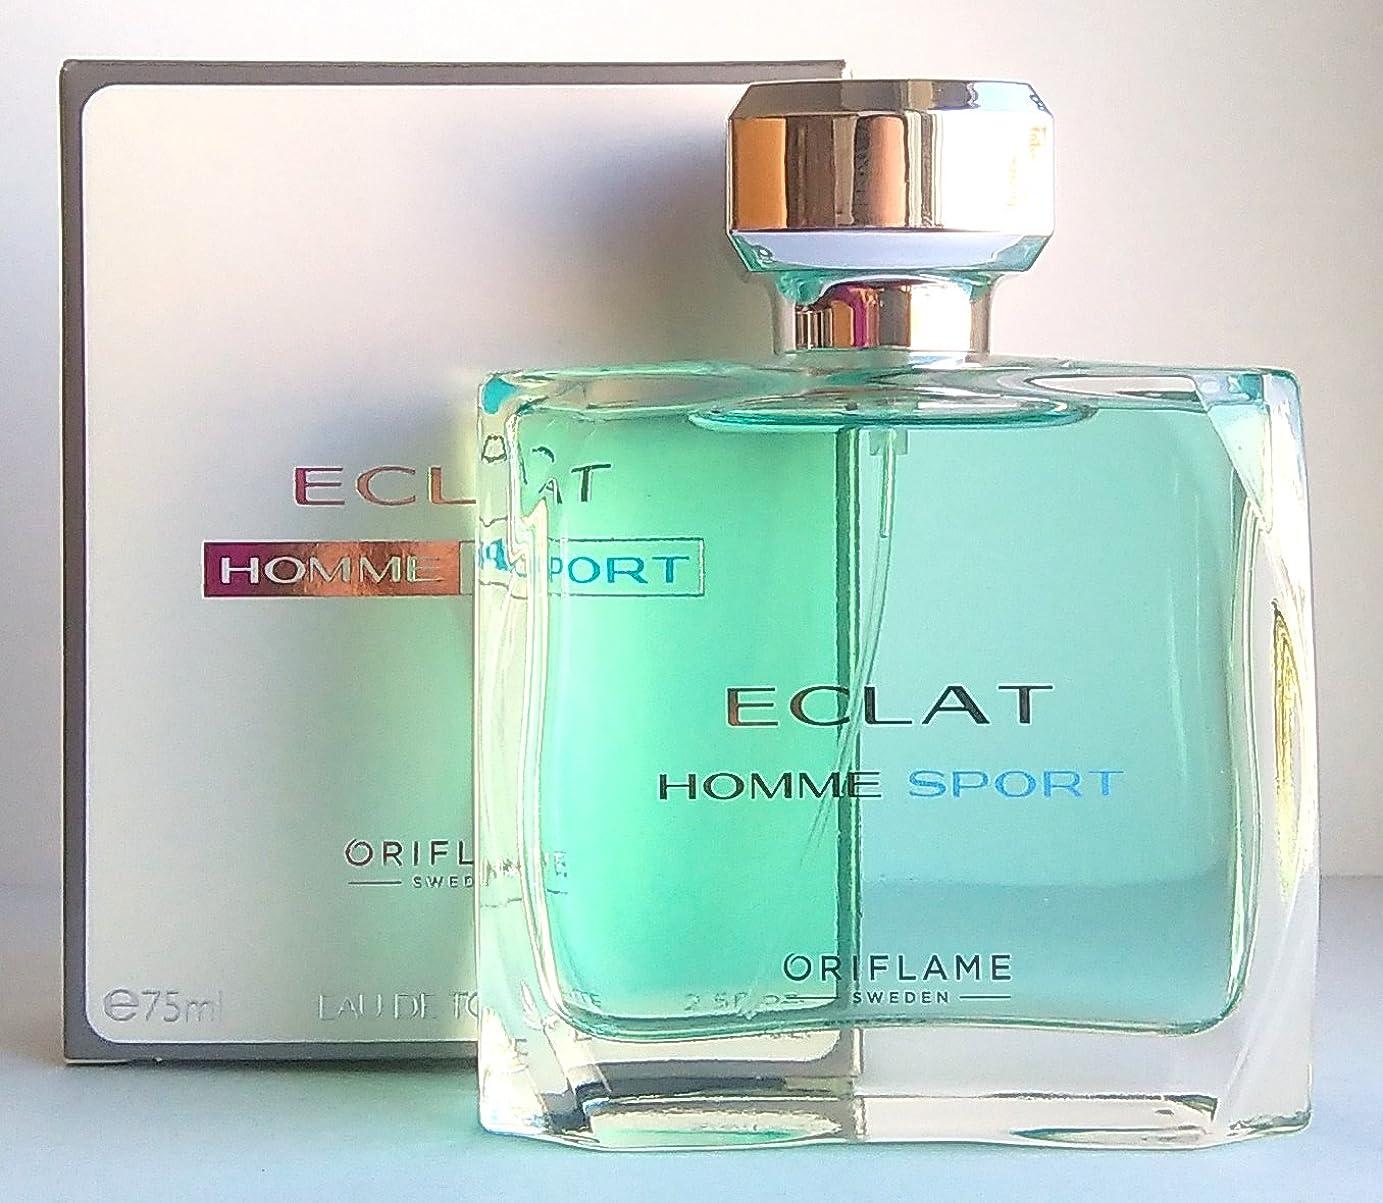 相対サイズペースト手足ORIFLAME Eclat Homme Sport Eau de Toilette For Him 75ml - 2.5oz